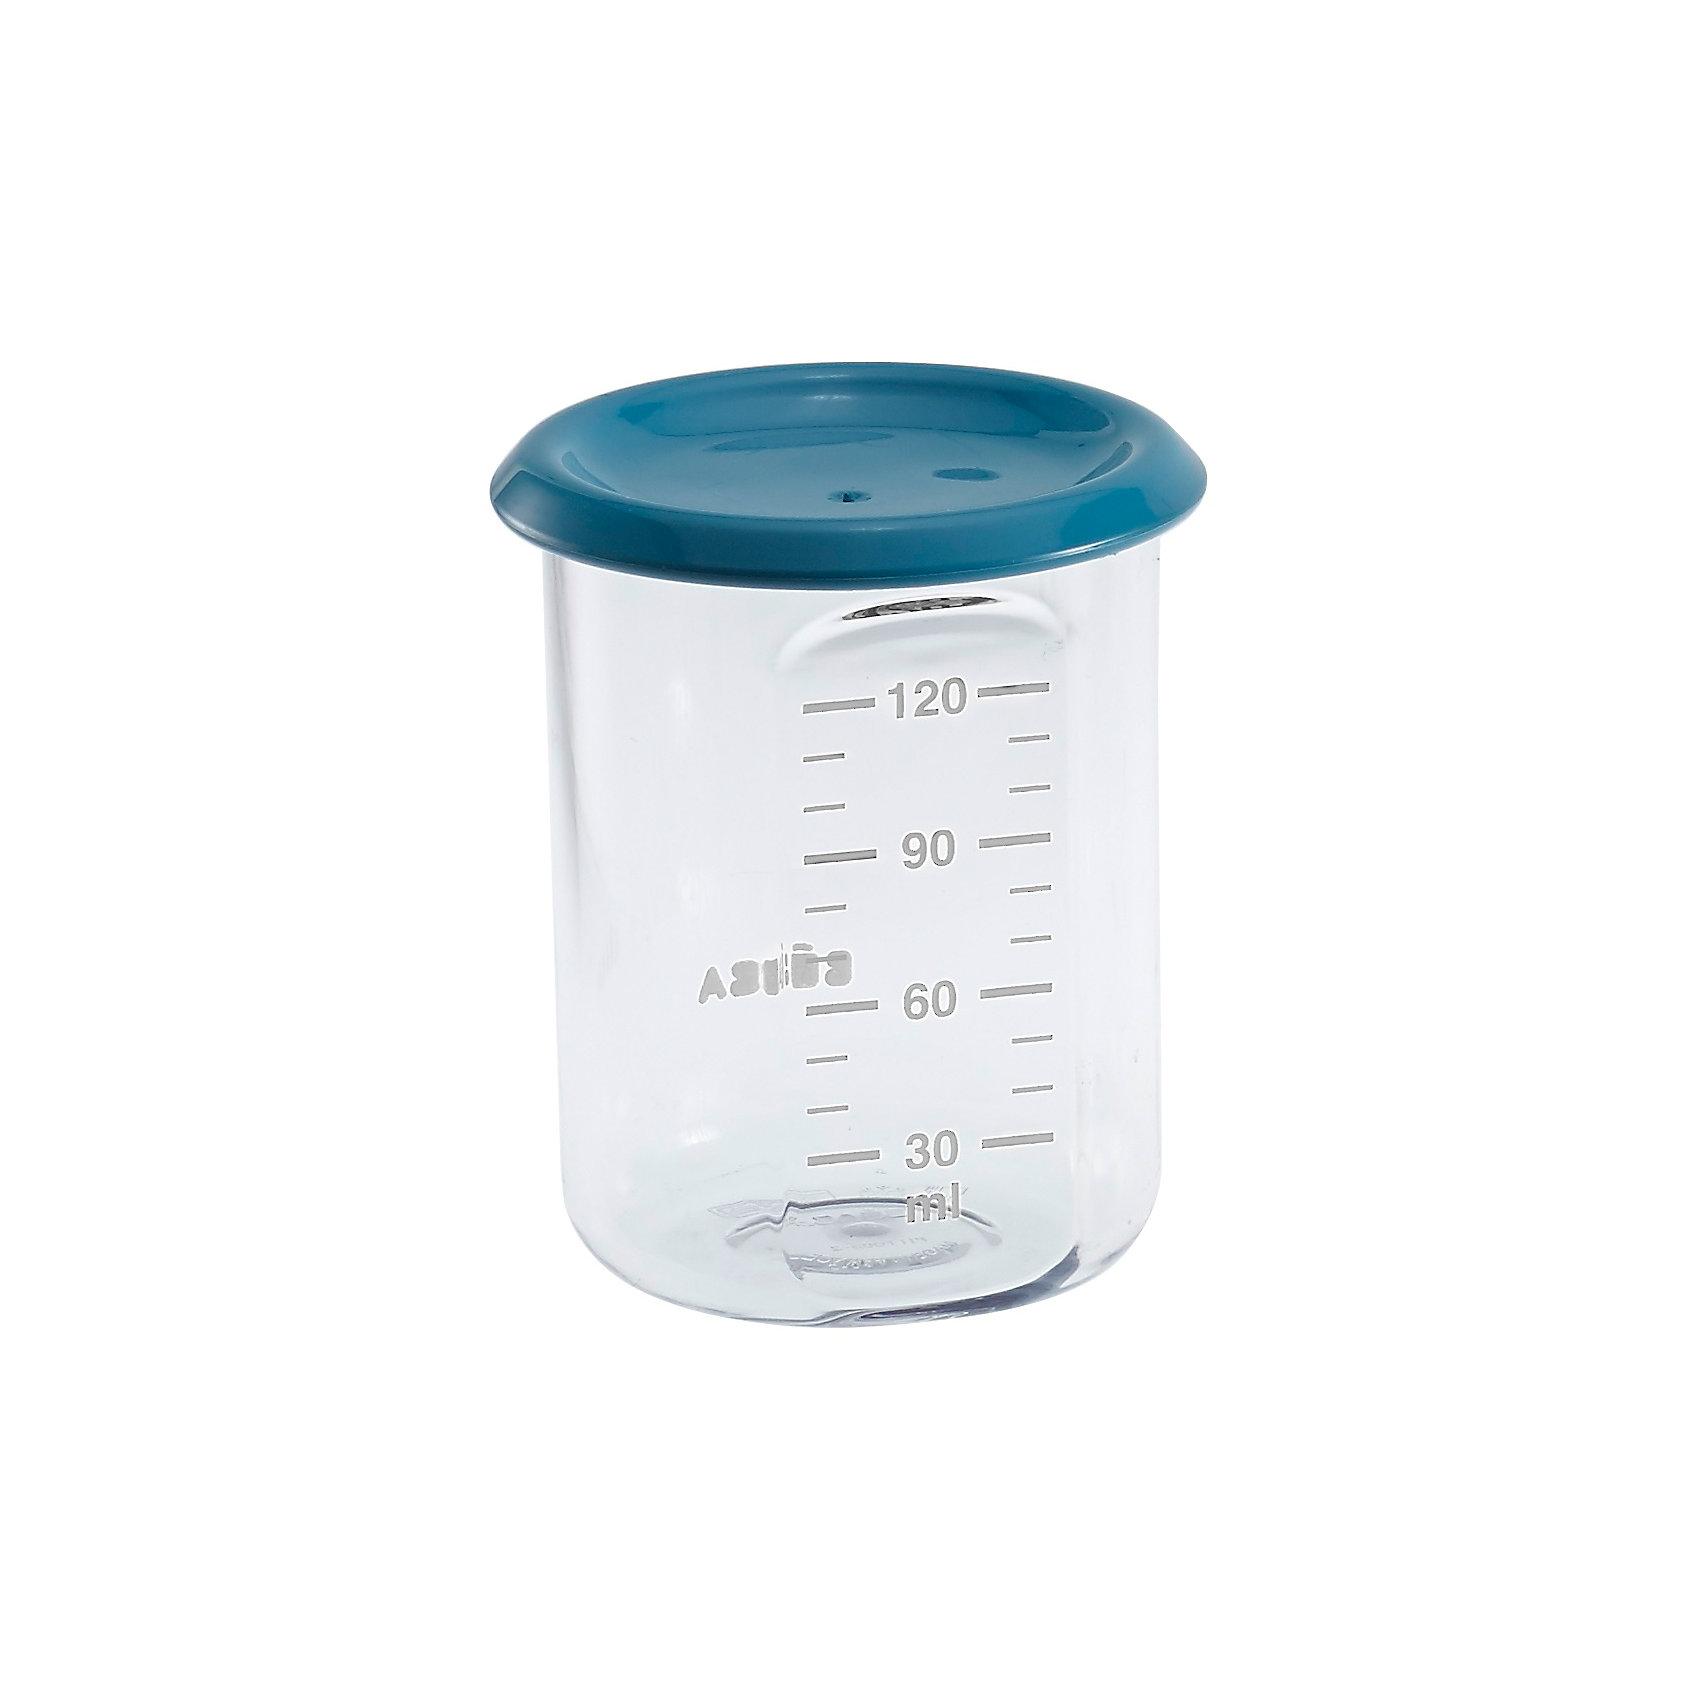 Контейнер для хранения Baby Portion 120мл, Beaba, синийПосуда для малышей<br>Контейнер для хранения Baby Portion 120мл, Beaba (Беаба), синий<br><br>Характеристики:<br><br>• герметично закрывается крышкой<br>• удобная мерная шкала<br>• не содержит бисфенол А<br>• можно разогревать в микроволновой печи и мыть в посудомоечной машине<br>• цвет: синий<br>• объем: 120 мл<br>• размер: 6х6х7,5 см<br>• вес: 200 грамм<br><br>Контейнер Baby Portion - отличный помощник для родителей. Крышка контейнера плотно закрывается для надежного хранения пищевых продуктов. Контейнер можно мыть в посудомоечной машине, использовать для заморозки продуктов и разогревать в микроволновой печи. Удобная мерная шкала поможет вам отмерить необходимое количество продукта. Не содержит бисфенол А.<br><br>Контейнер для хранения Baby Portion 120мл, Beaba (Беаба), синий можно купить в нашем интернет-магазине.<br><br>Ширина мм: 62<br>Глубина мм: 62<br>Высота мм: 81<br>Вес г: 50<br>Возраст от месяцев: 4<br>Возраст до месяцев: 2147483647<br>Пол: Унисекс<br>Возраст: Детский<br>SKU: 5445712